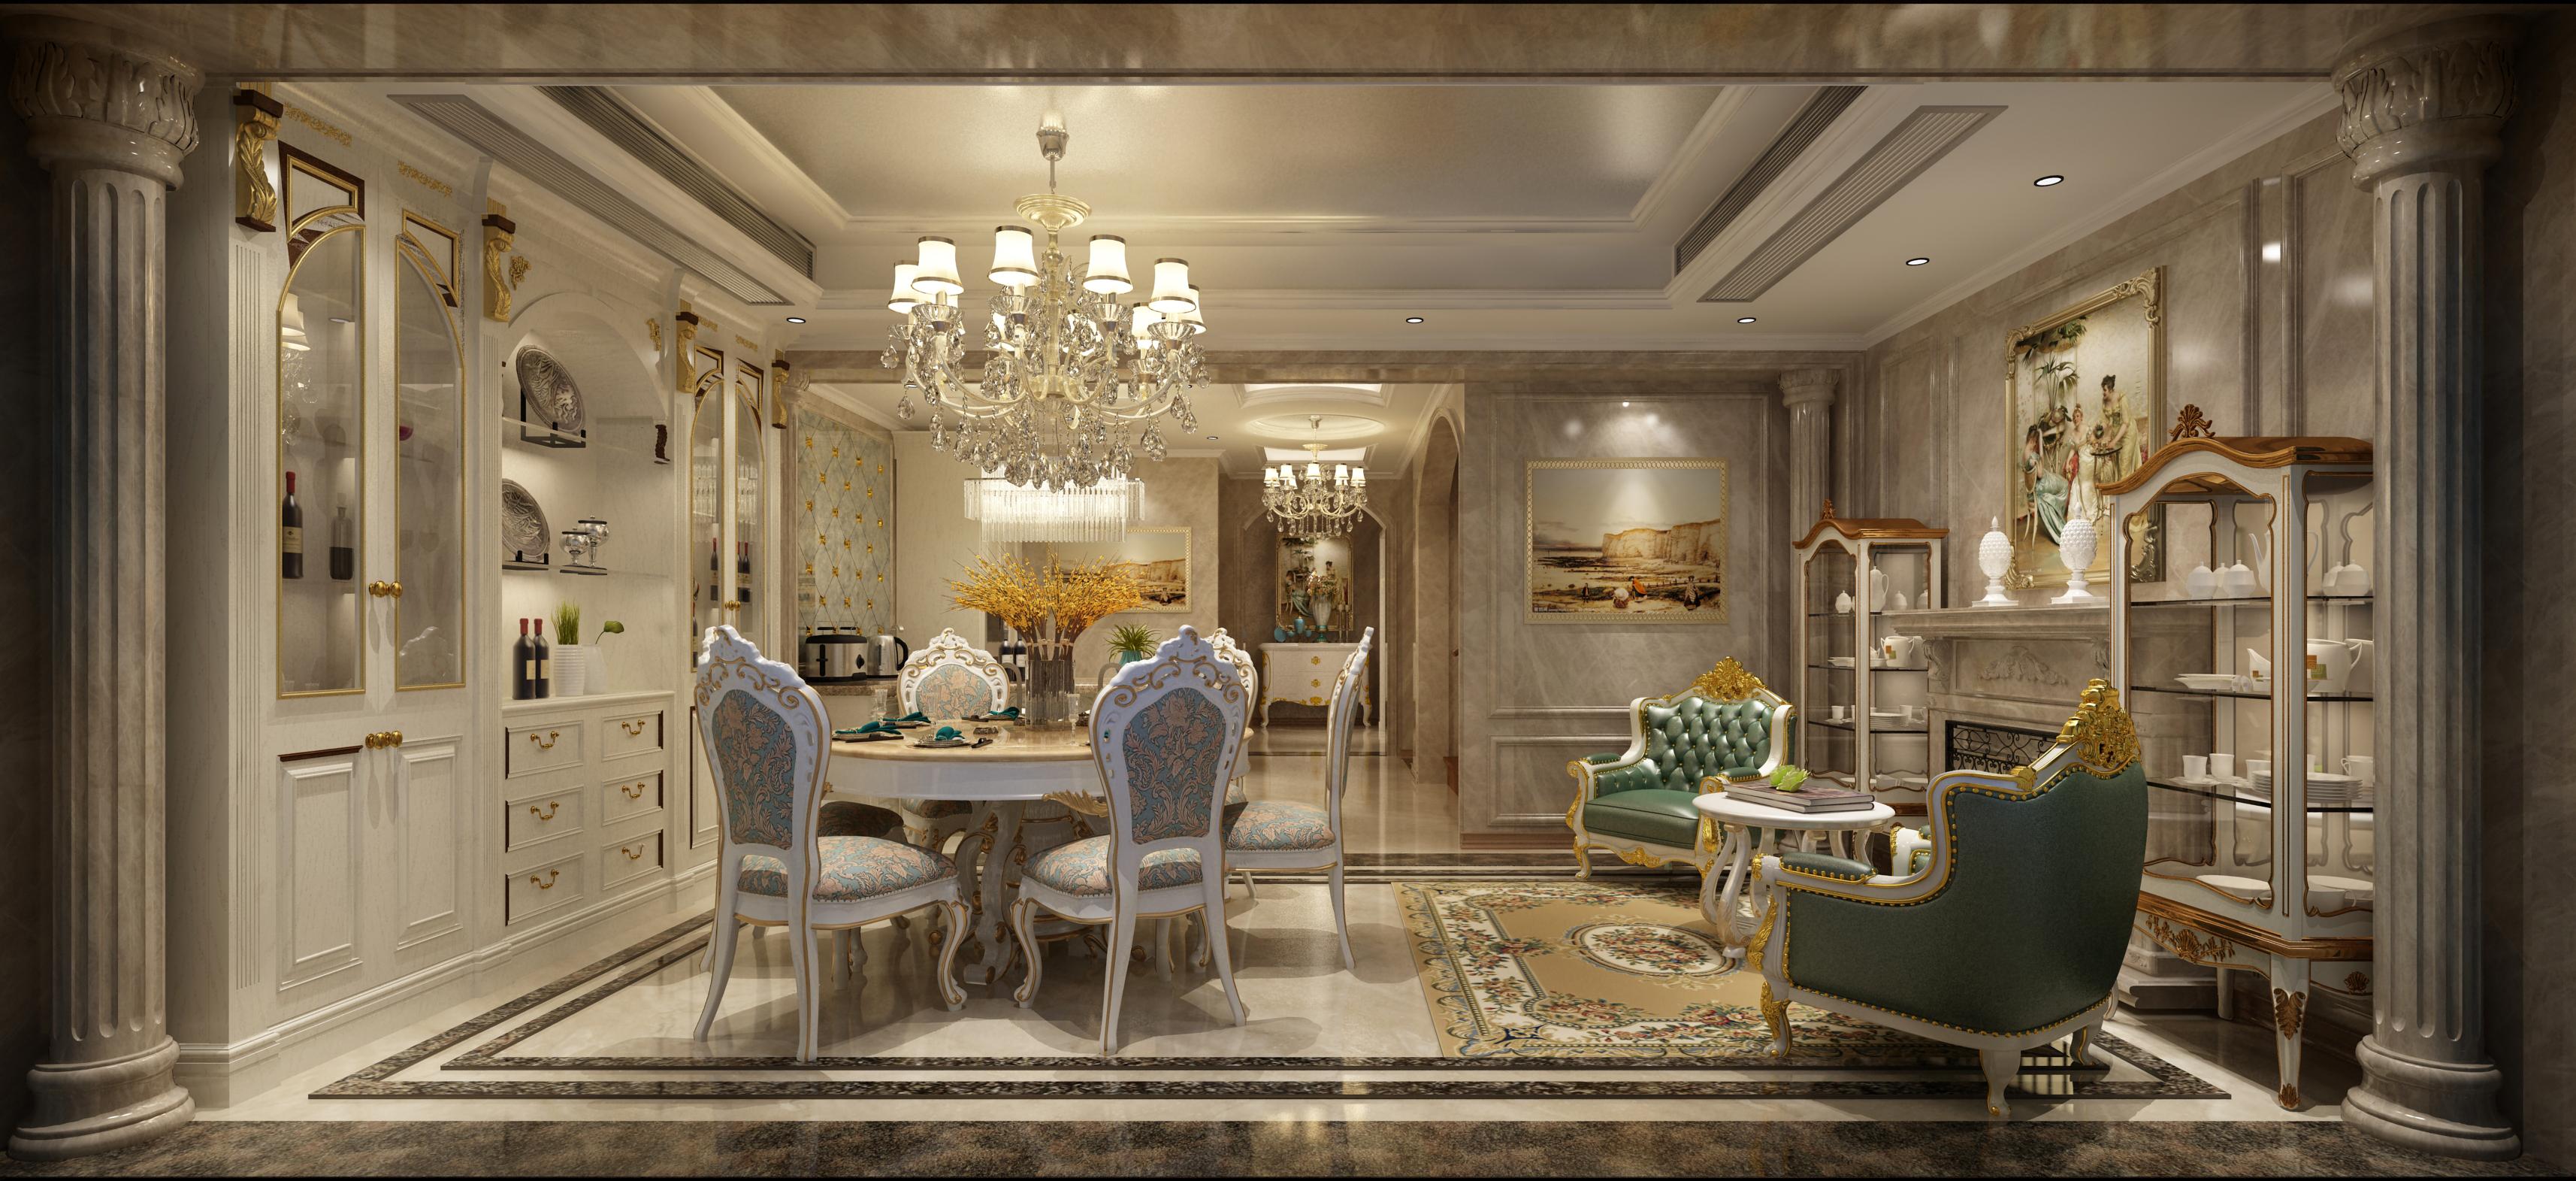 欧式风豪华型装修餐厅全景图